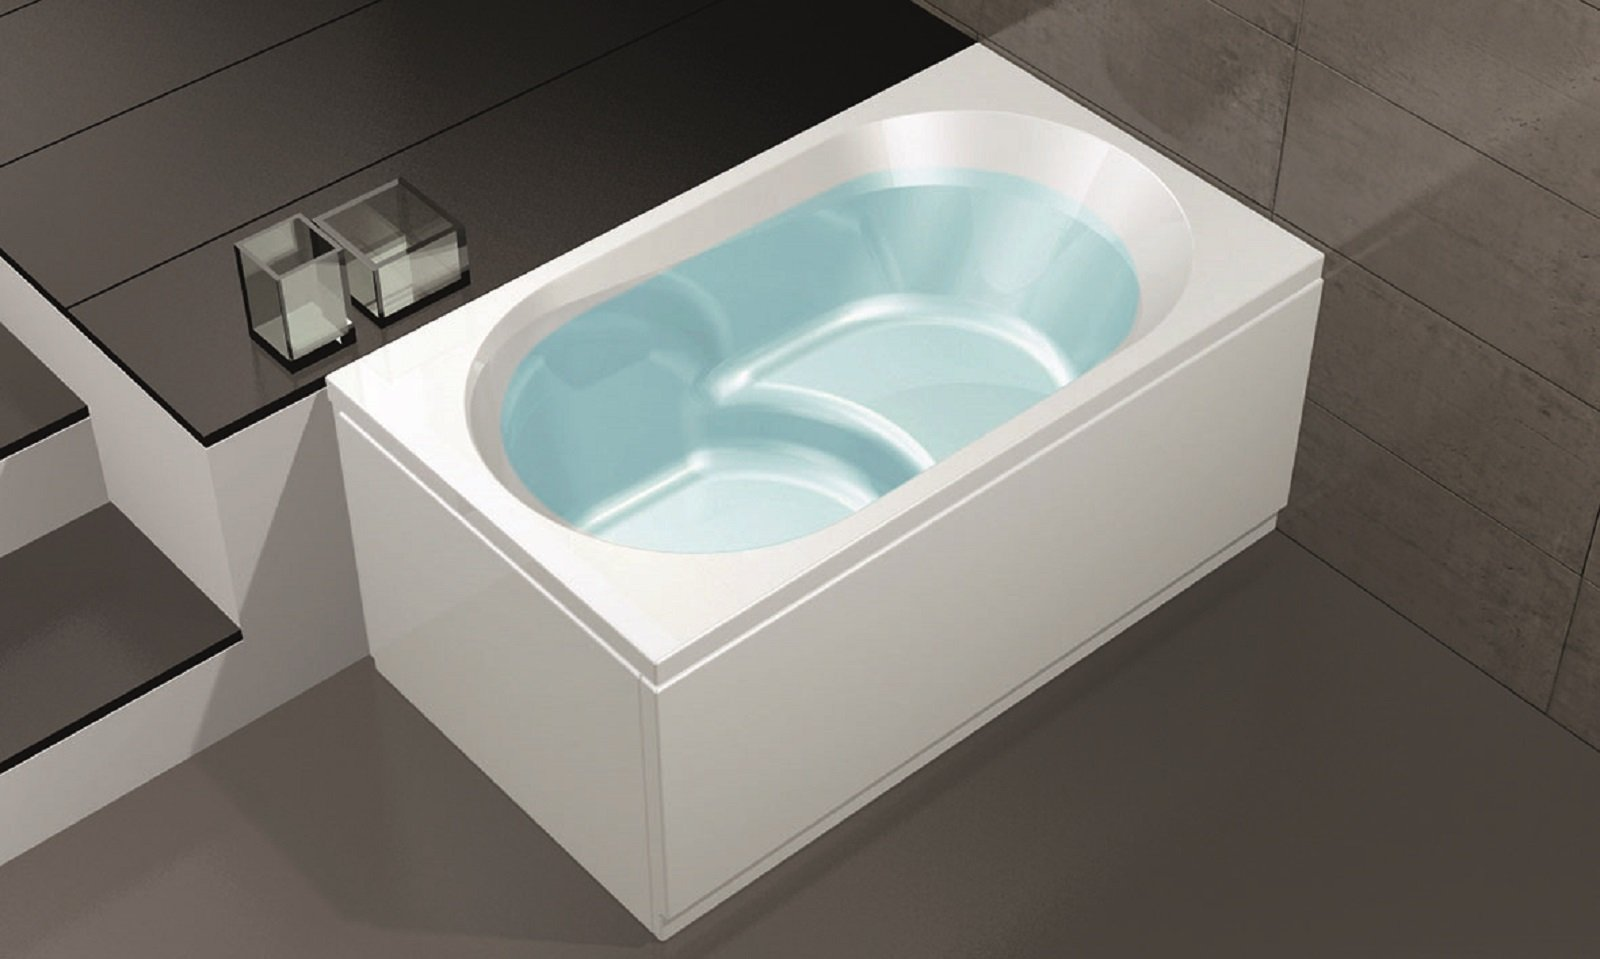 Vasca Da Bagno Piccole Dimensioni 120 : Vasche piccole dalle dimensioni compatte e svariate misure e forme